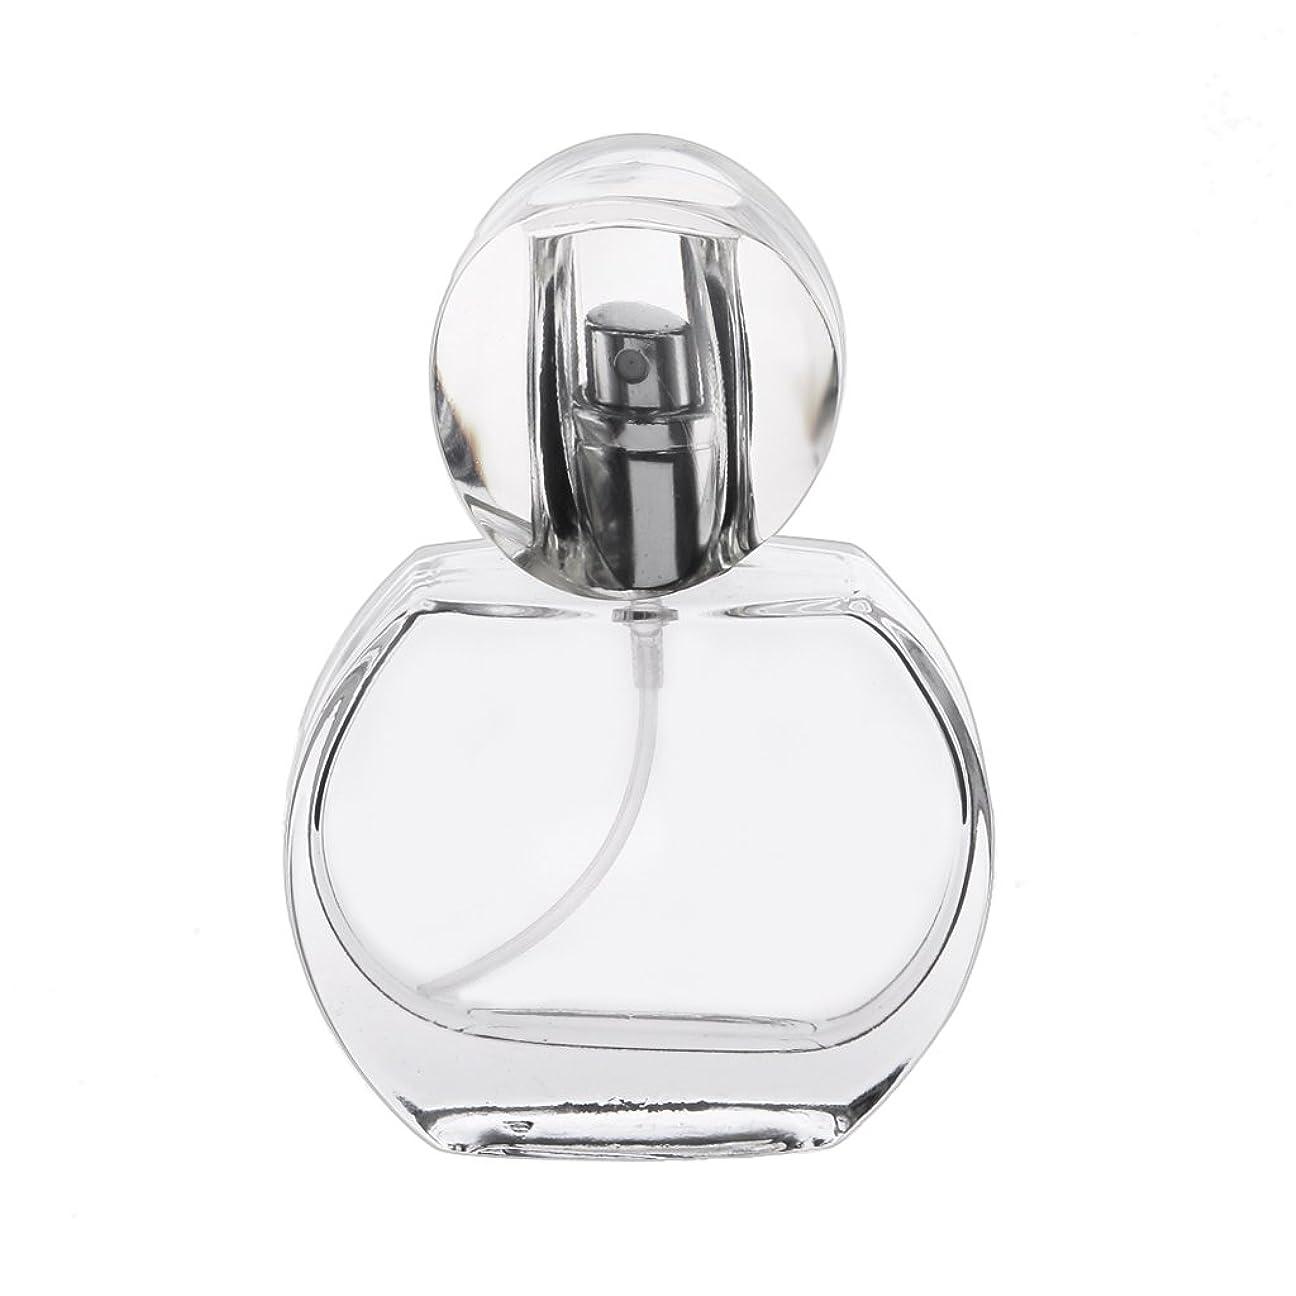 SONONIA  30ml クリスタル エンプティ 空 香水瓶 スプレーボトル アトマイザー 詰め替え 携帯便利